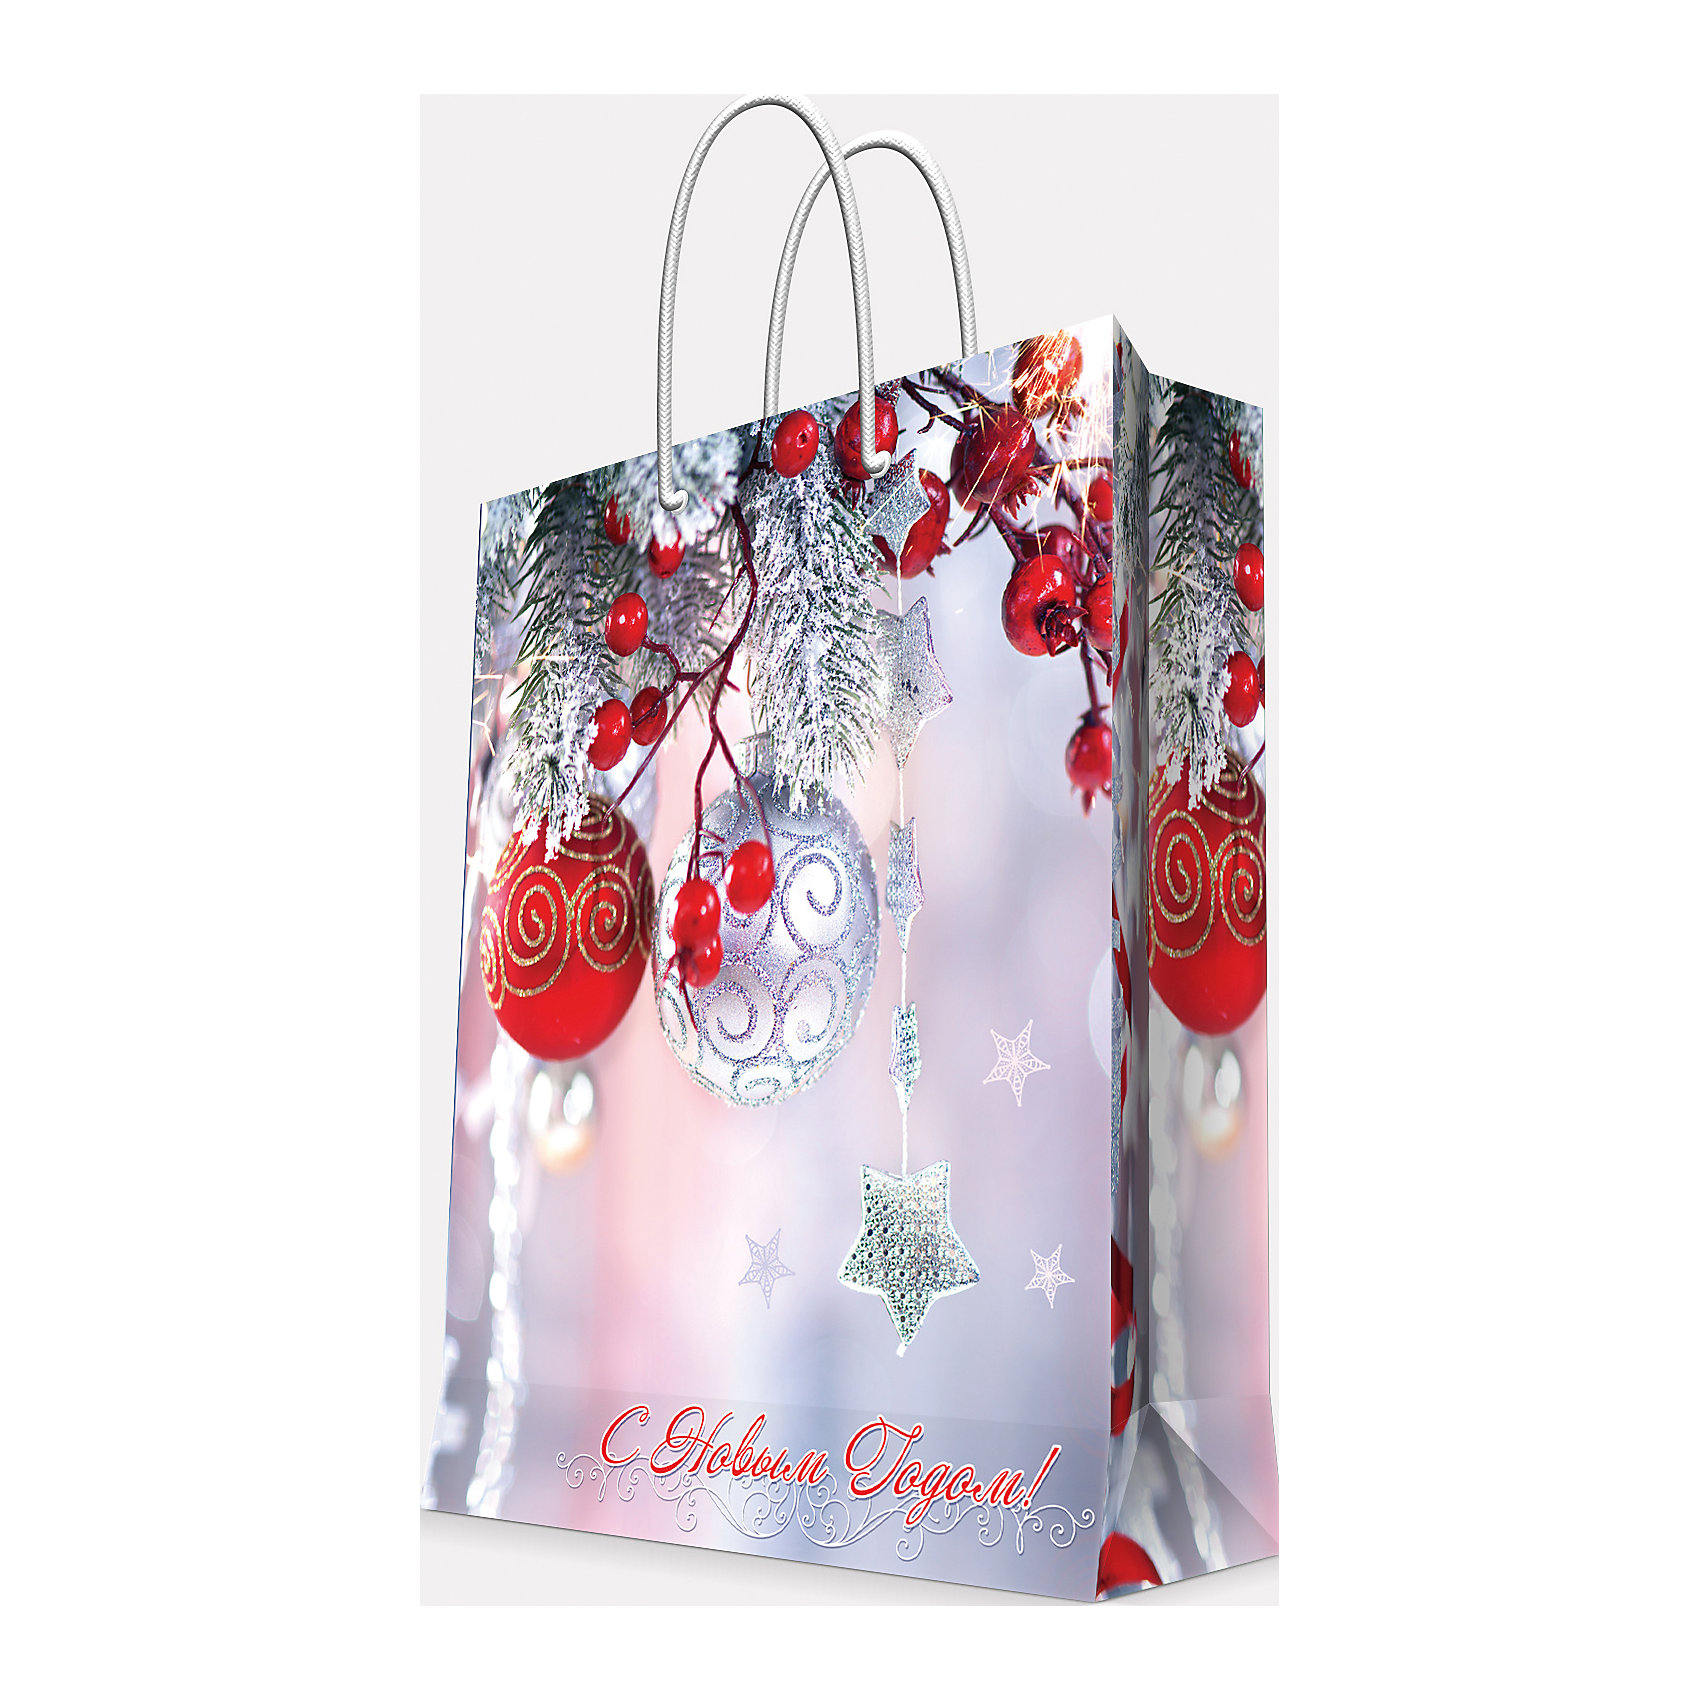 Подарочный пакет Шарики и звездочка 17,8*22,9*9,8 смПредновогодние хлопоты многие любят даже больше самого праздника! Праздничное настроение создает украшенный дом, наряженная ёлка, запах мандаринов, предновогодняя суета и, конечно же, подарки! Чтобы сделать момент вручения приятнее, нужен красивый подарочный пакет.<br>Этот пакет украшен симпатичным универсальным рисунком, поэтому в него можно упаковать подарок и родственнику, и коллеге. Он сделан из безопасного для детей, прочного, но легкого, материала. Создайте с ним праздничное настроение себе и близким!<br><br>Дополнительная информация:<br><br>плотность бумаги: 140 г/м2;<br>размер: 18 х 23 х 10 см;<br>с ламинацией;<br>украшен рисунком.<br><br>Подарочный пакет Шарики и звездочка 17,8*22,9*9,8 см можно купить в нашем магазине.<br><br>Ширина мм: 178<br>Глубина мм: 229<br>Высота мм: 98<br>Вес г: 39<br>Возраст от месяцев: 36<br>Возраст до месяцев: 2147483647<br>Пол: Унисекс<br>Возраст: Детский<br>SKU: 4981606